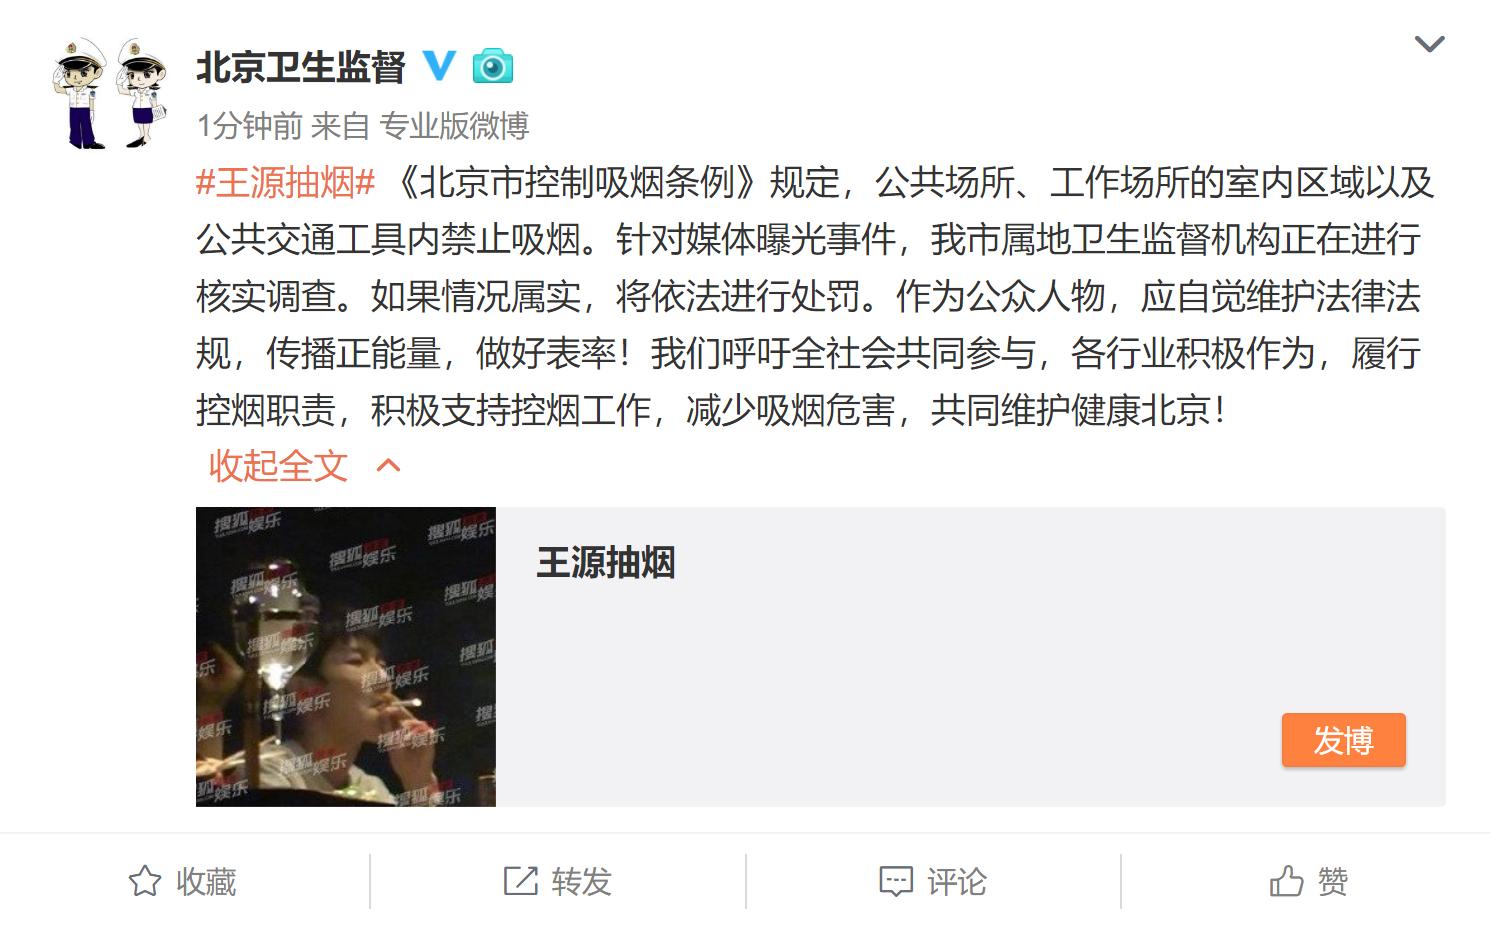 王源被爆在餐厅聚餐时抽烟 北京卫监部门正在调查